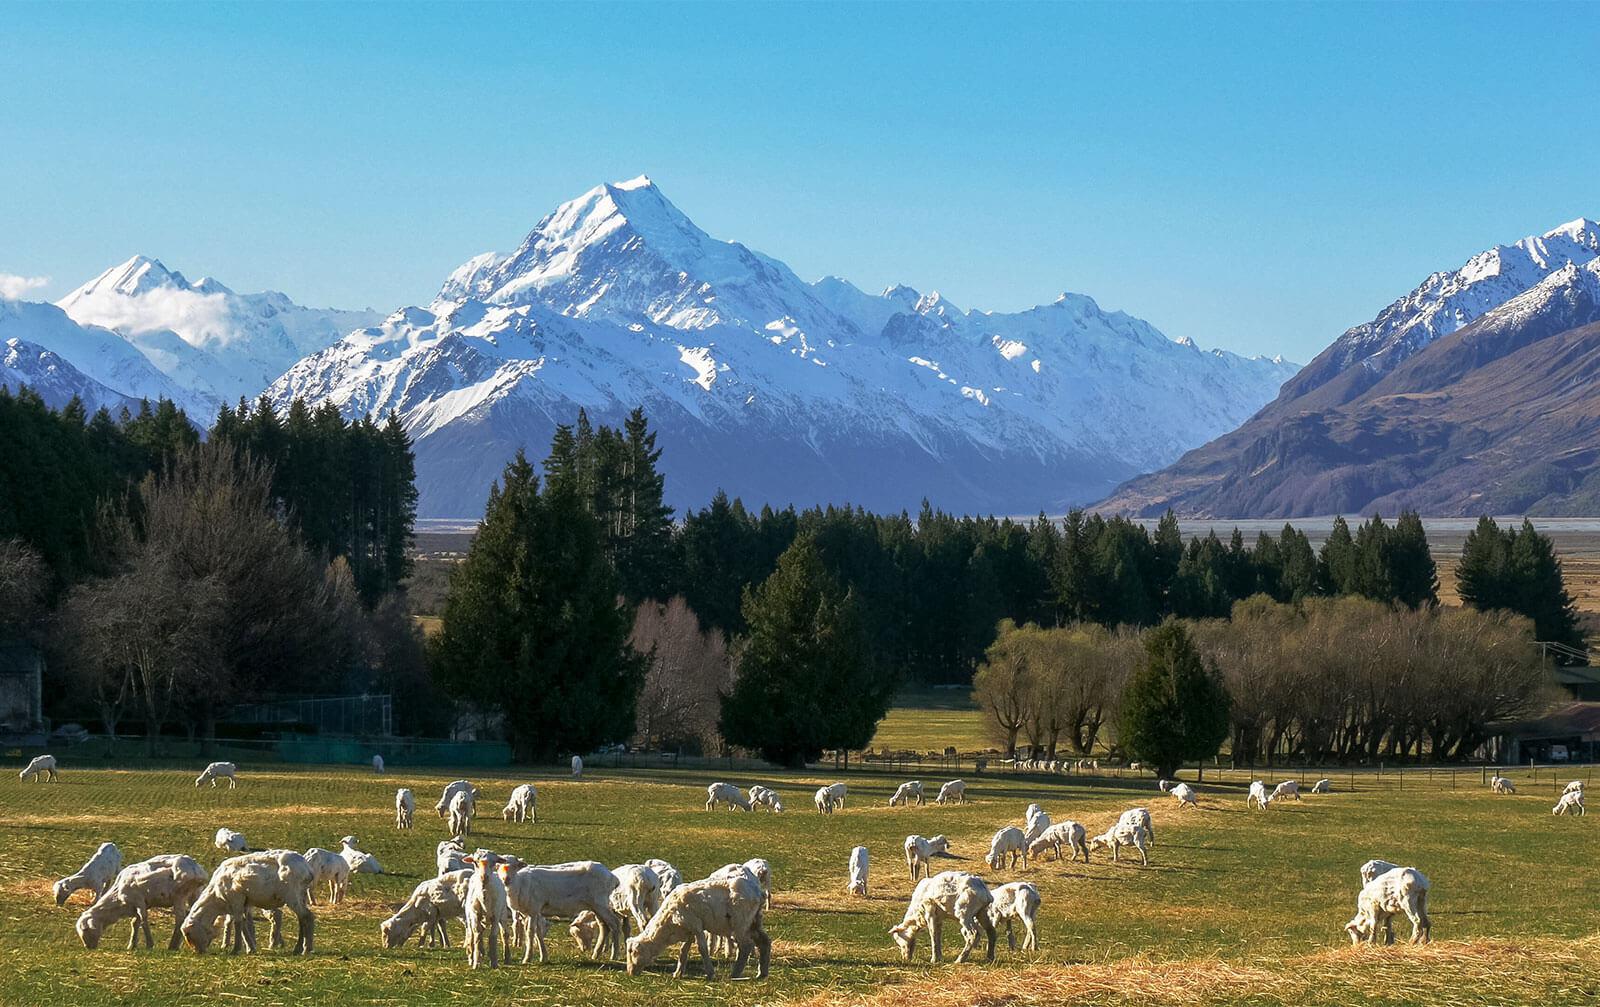 Selandia Baru - Mencicipi Serunya Liburan ke Negara Favorit Para Artis